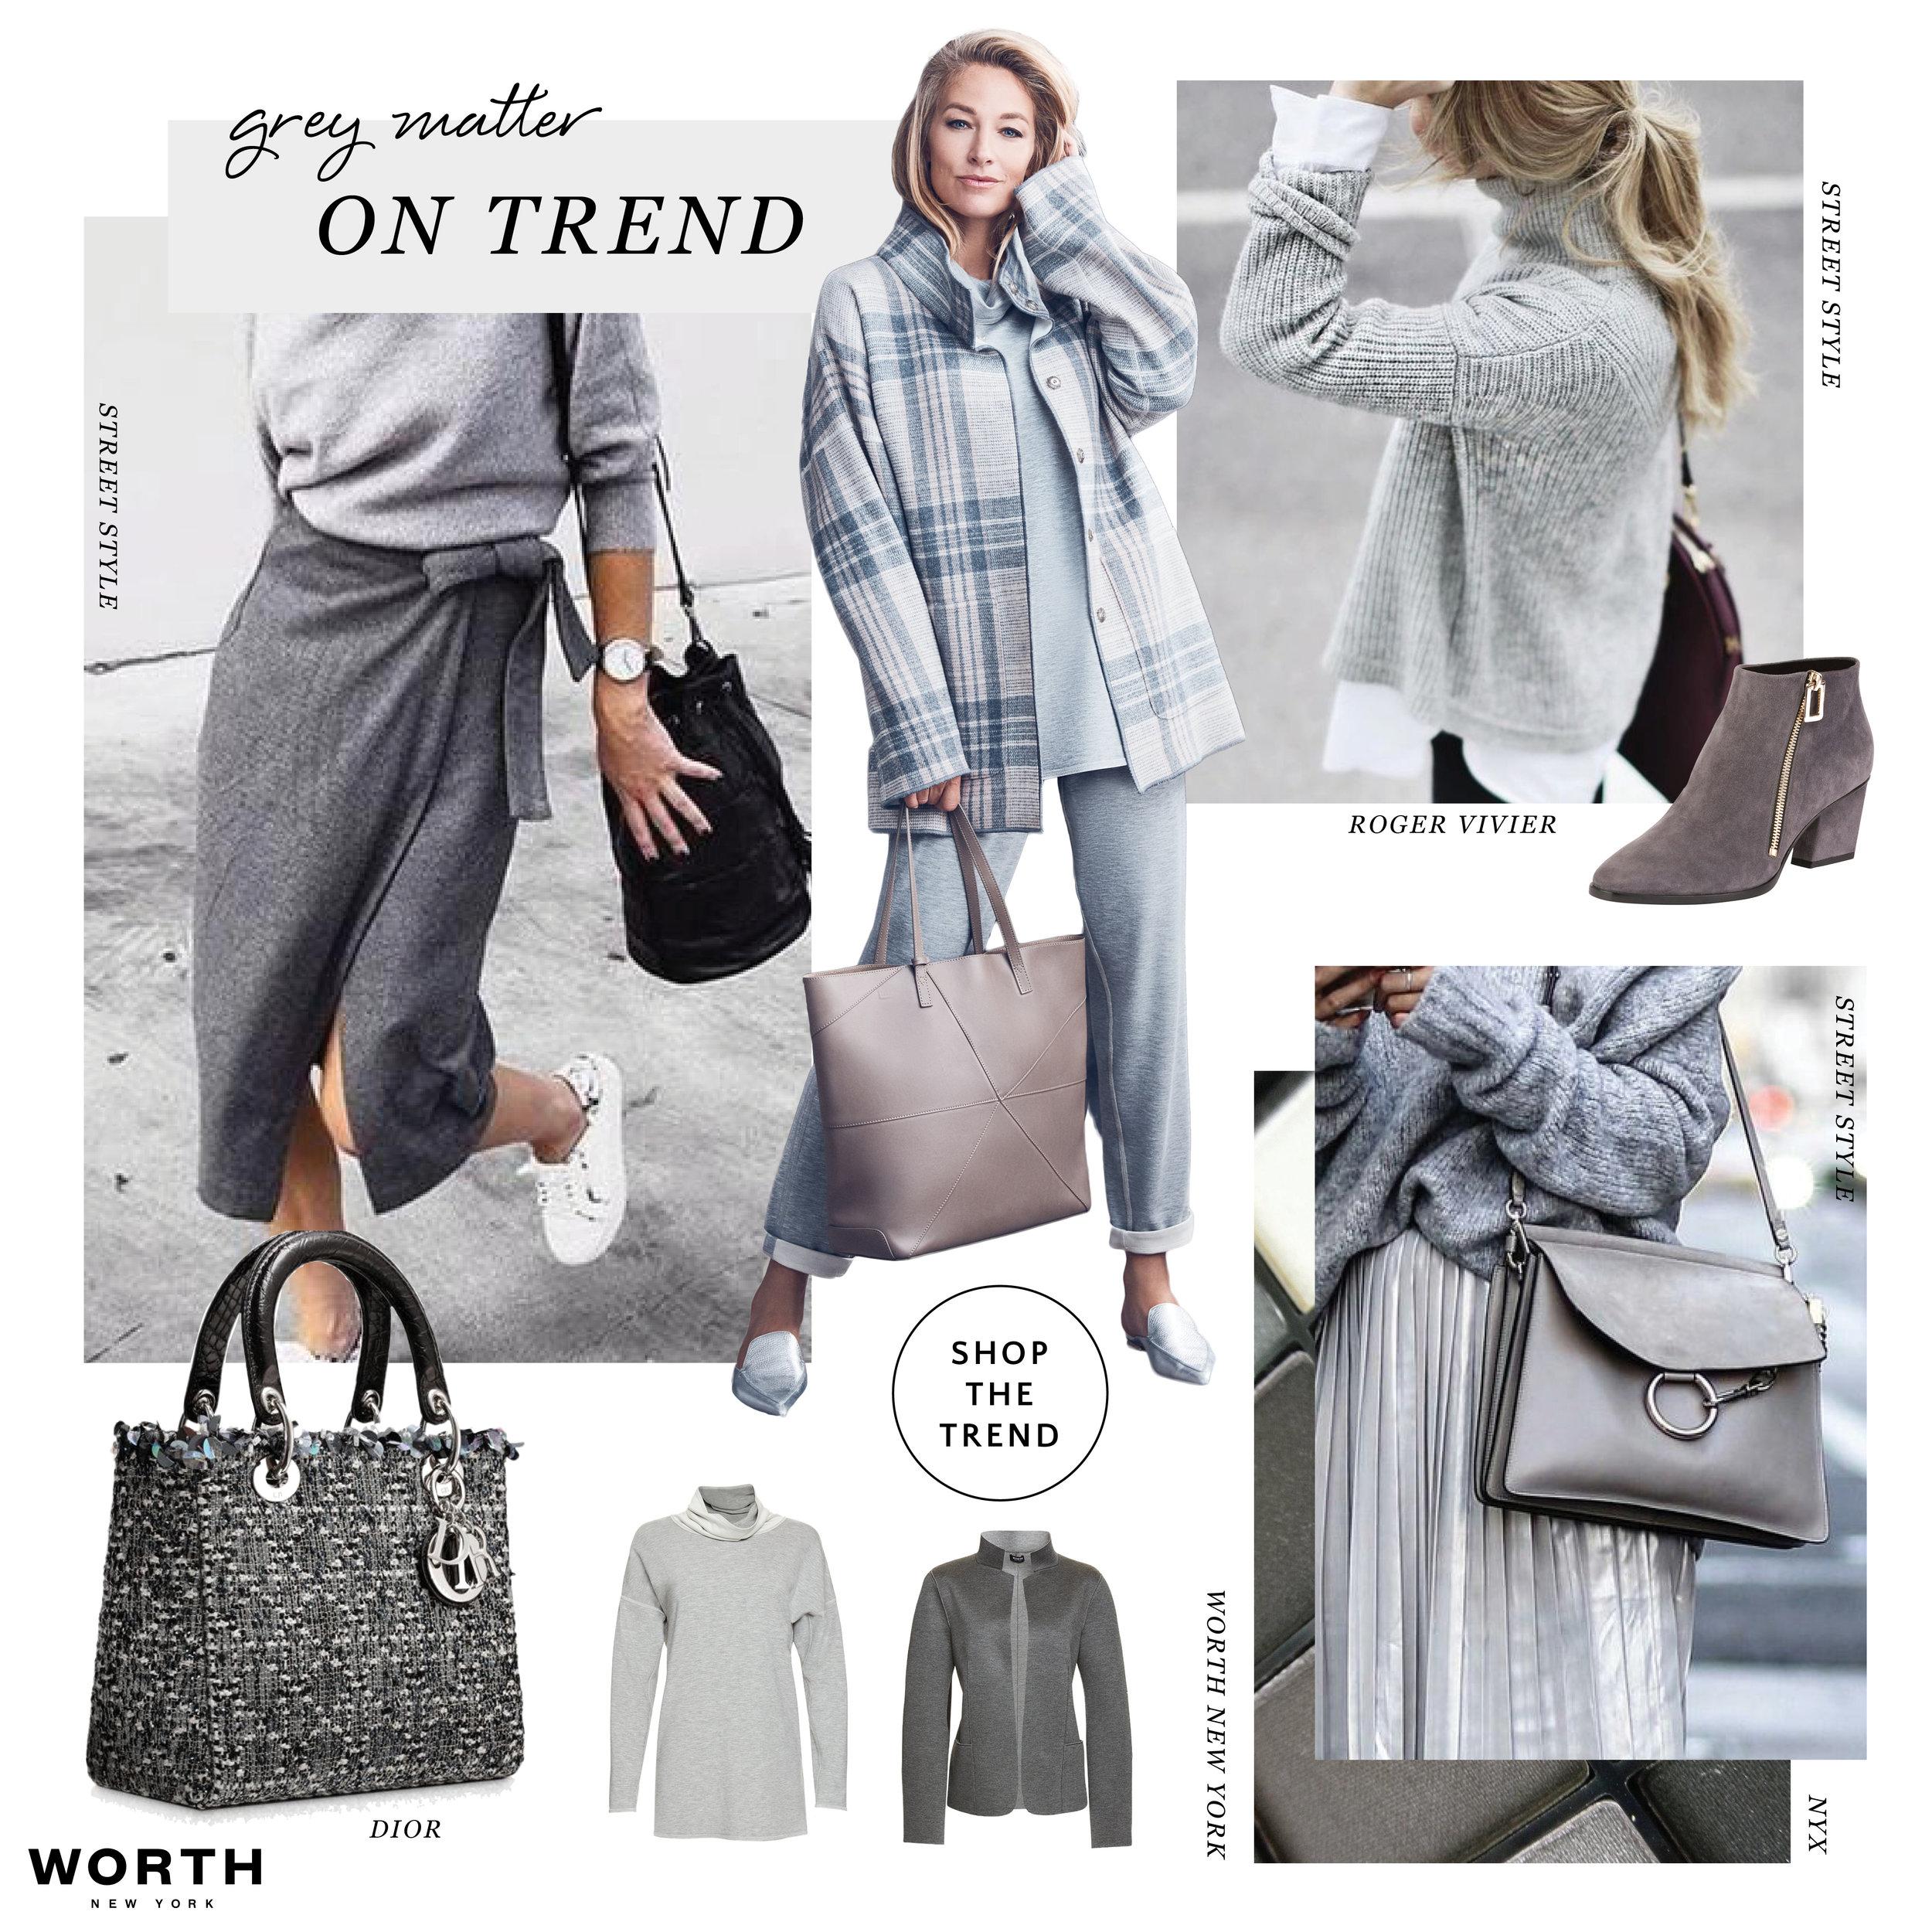 WNY_Trends_Social3.jpg